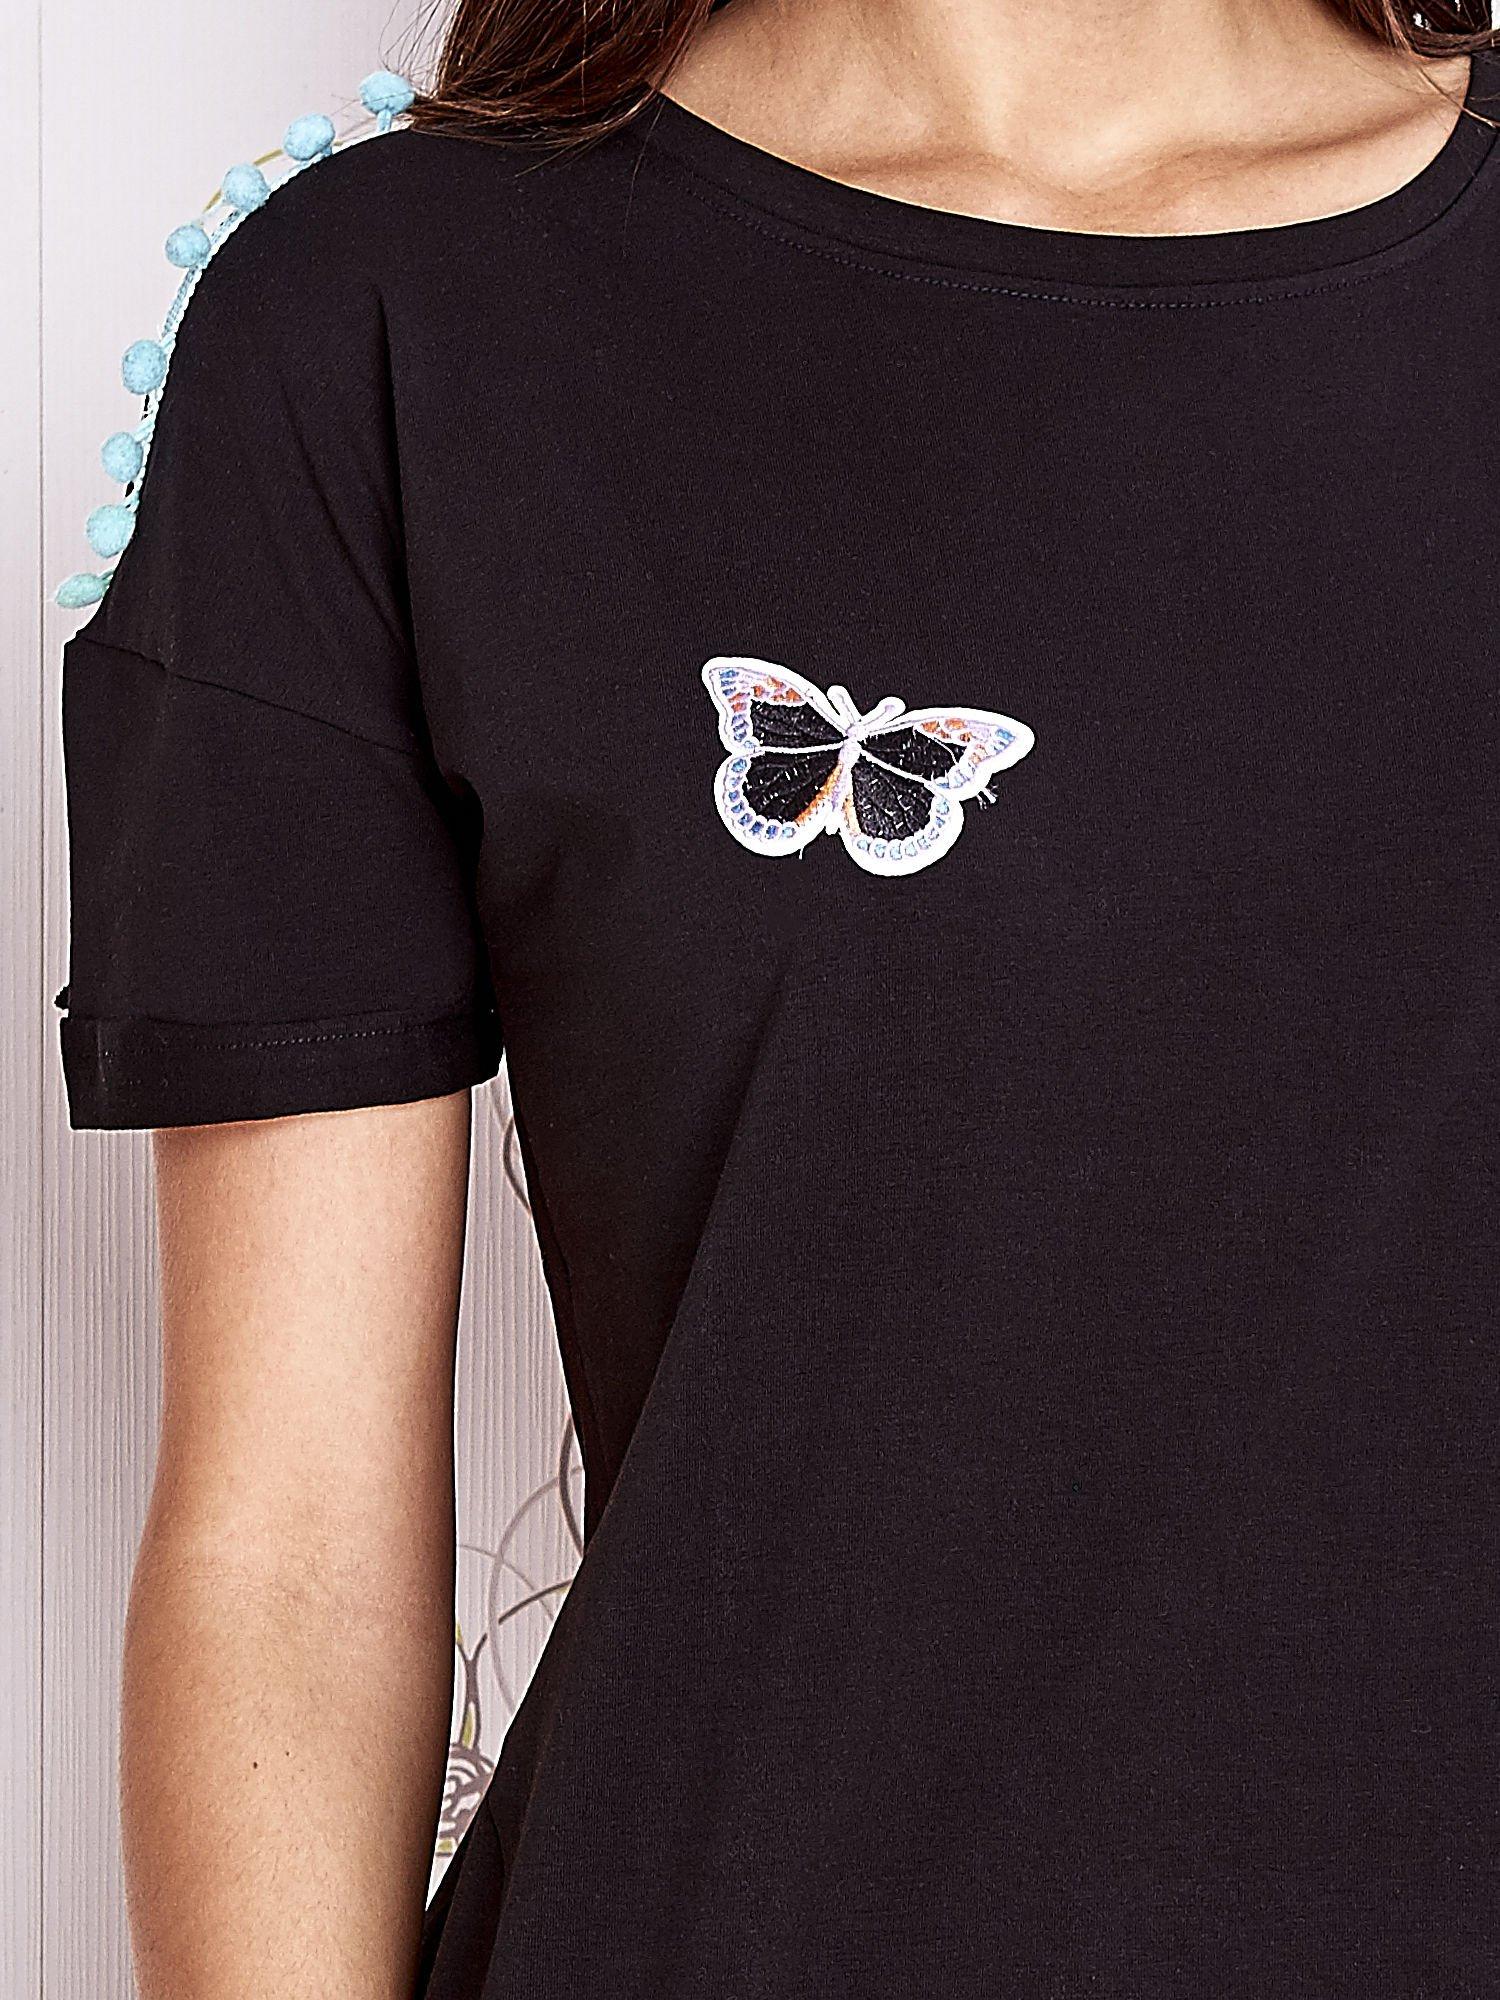 Czarny t-shirt z naszywką motyla i pomponami                                  zdj.                                  5